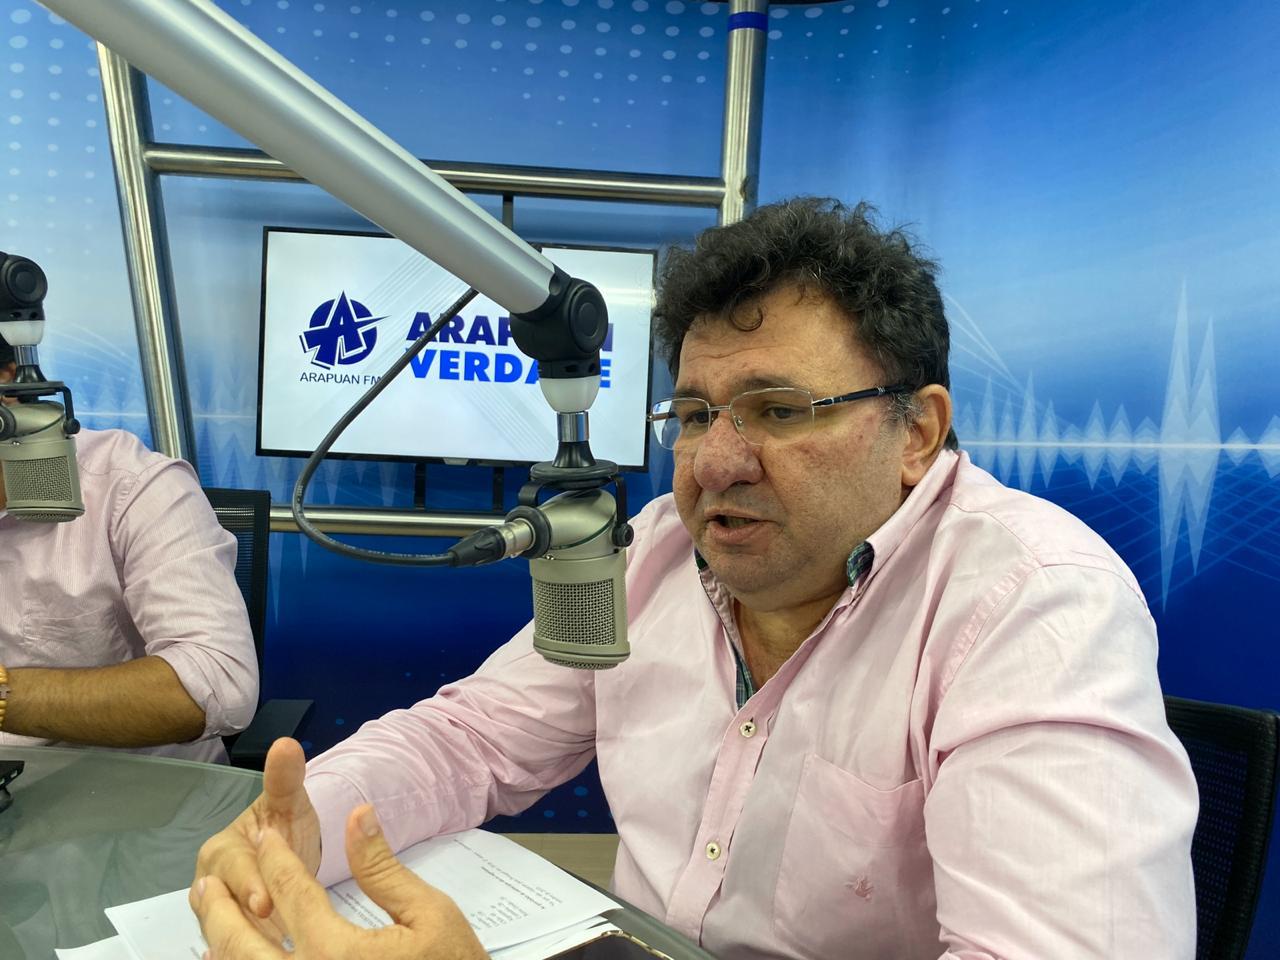 WhatsApp Image 2019 12 09 at 2.09.58 PM - Secretário Claudio Furtado fala sobre plano do governo para a Educação; VEJA VÍDEO